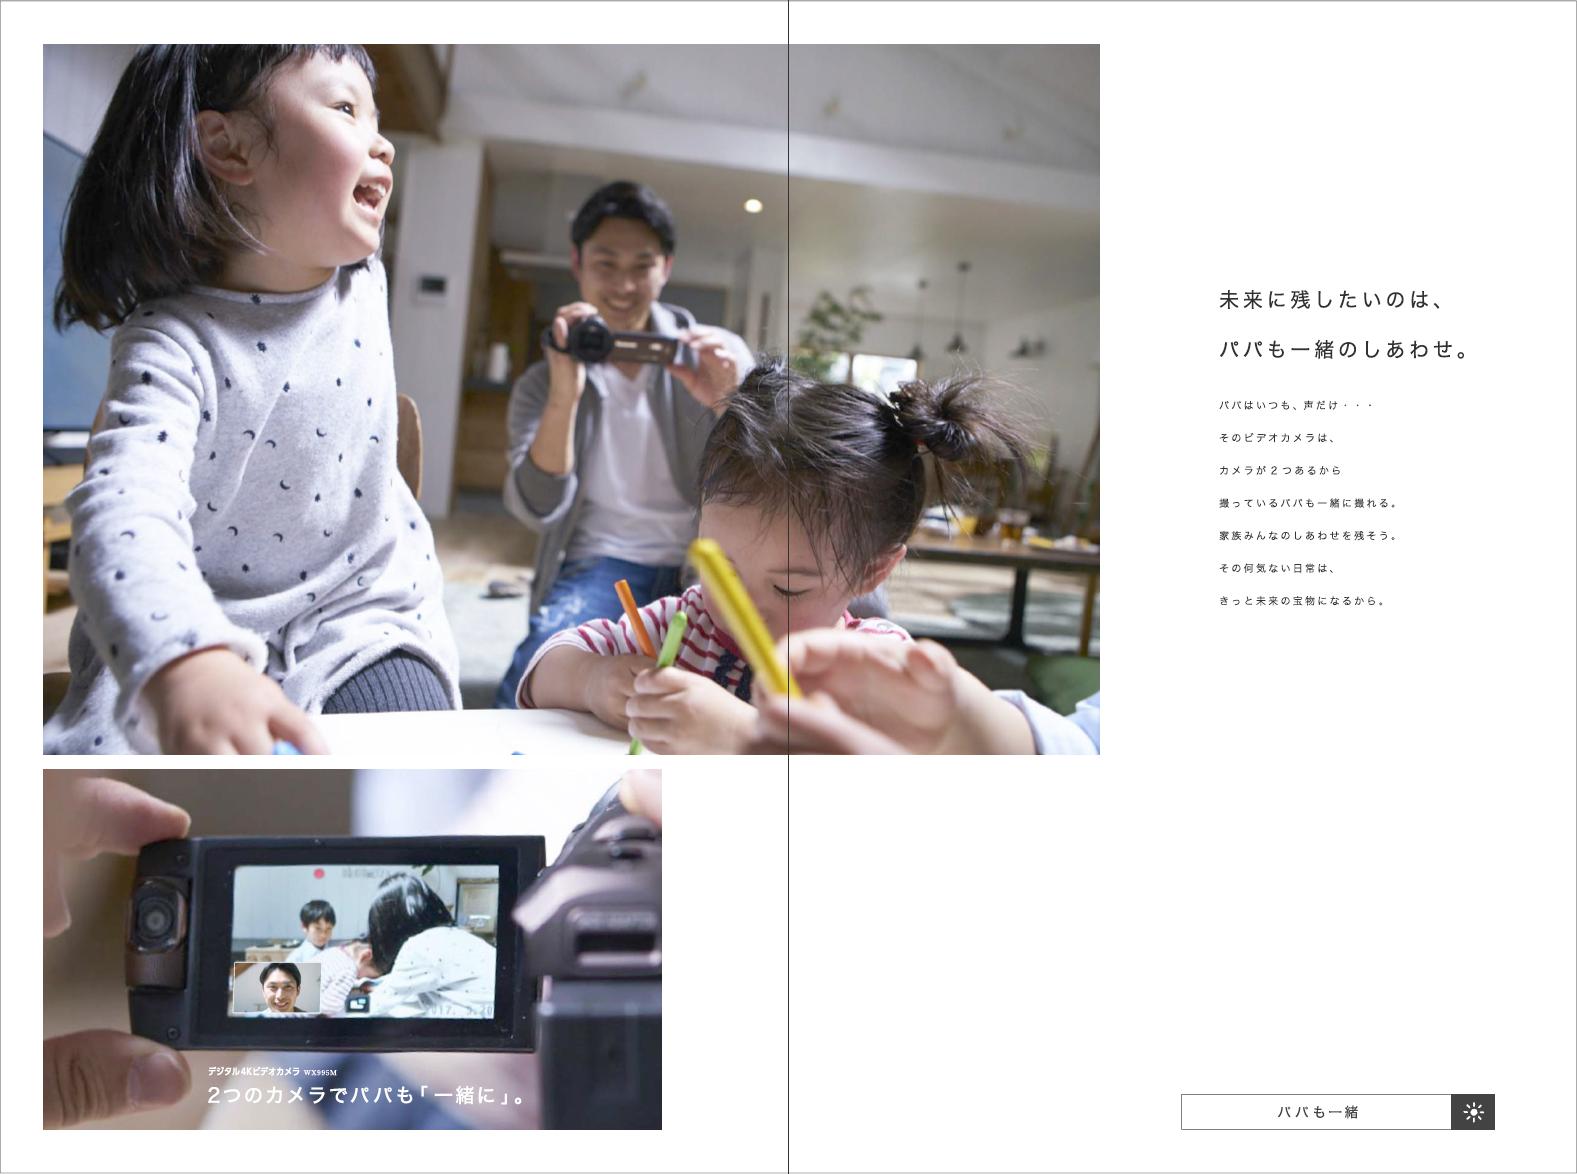 スクリーンショット-2017-10-11-1.52.23.jpg